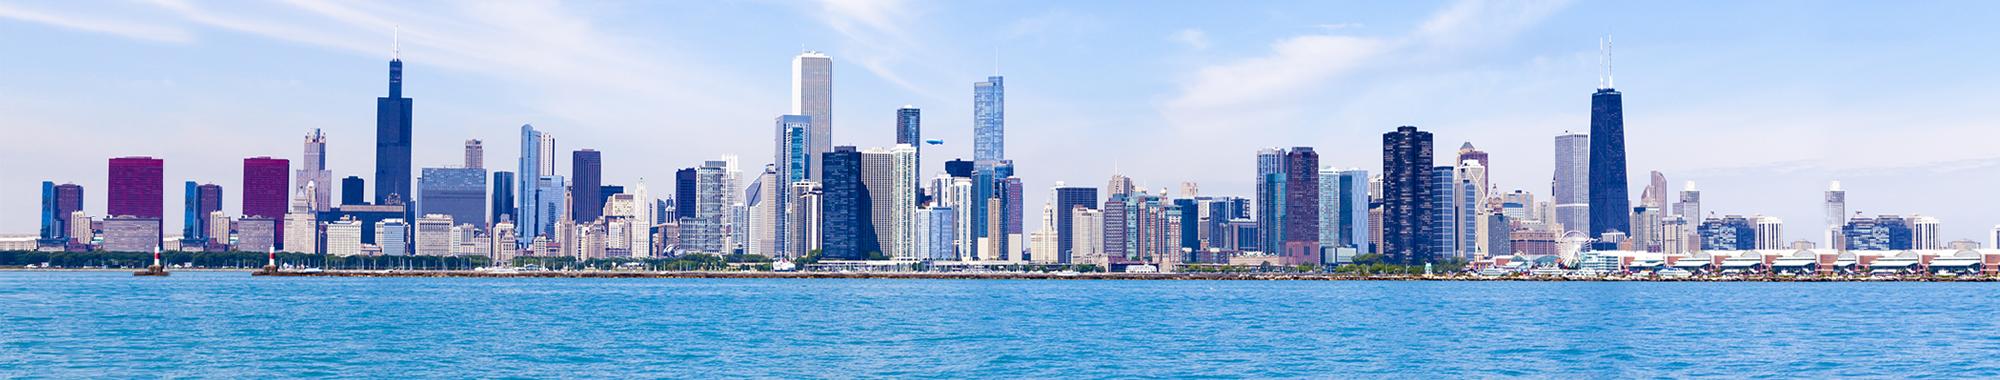 dexterMT-header-skyline-Chicago